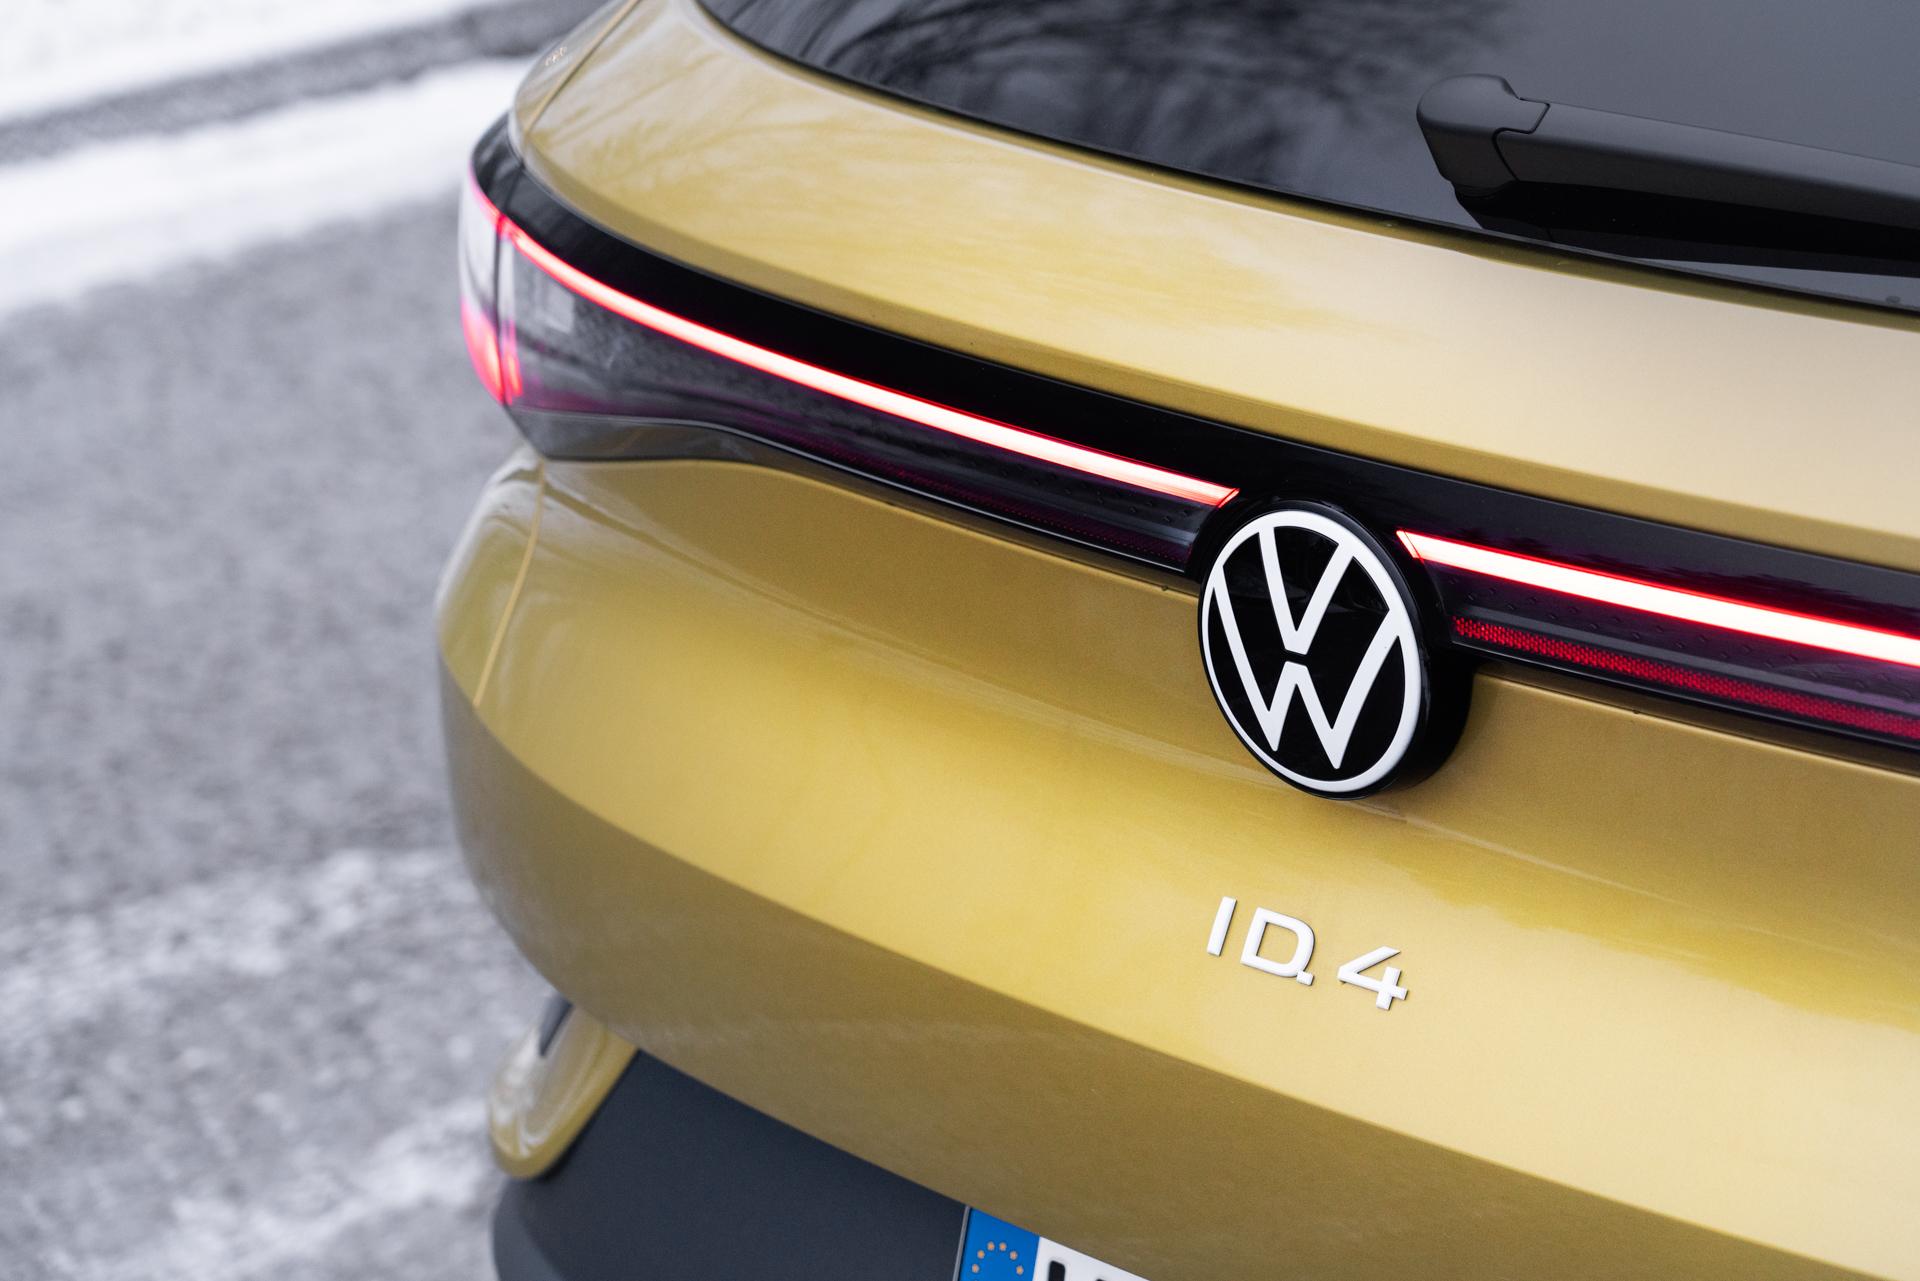 närbild på nya volkswagen id4